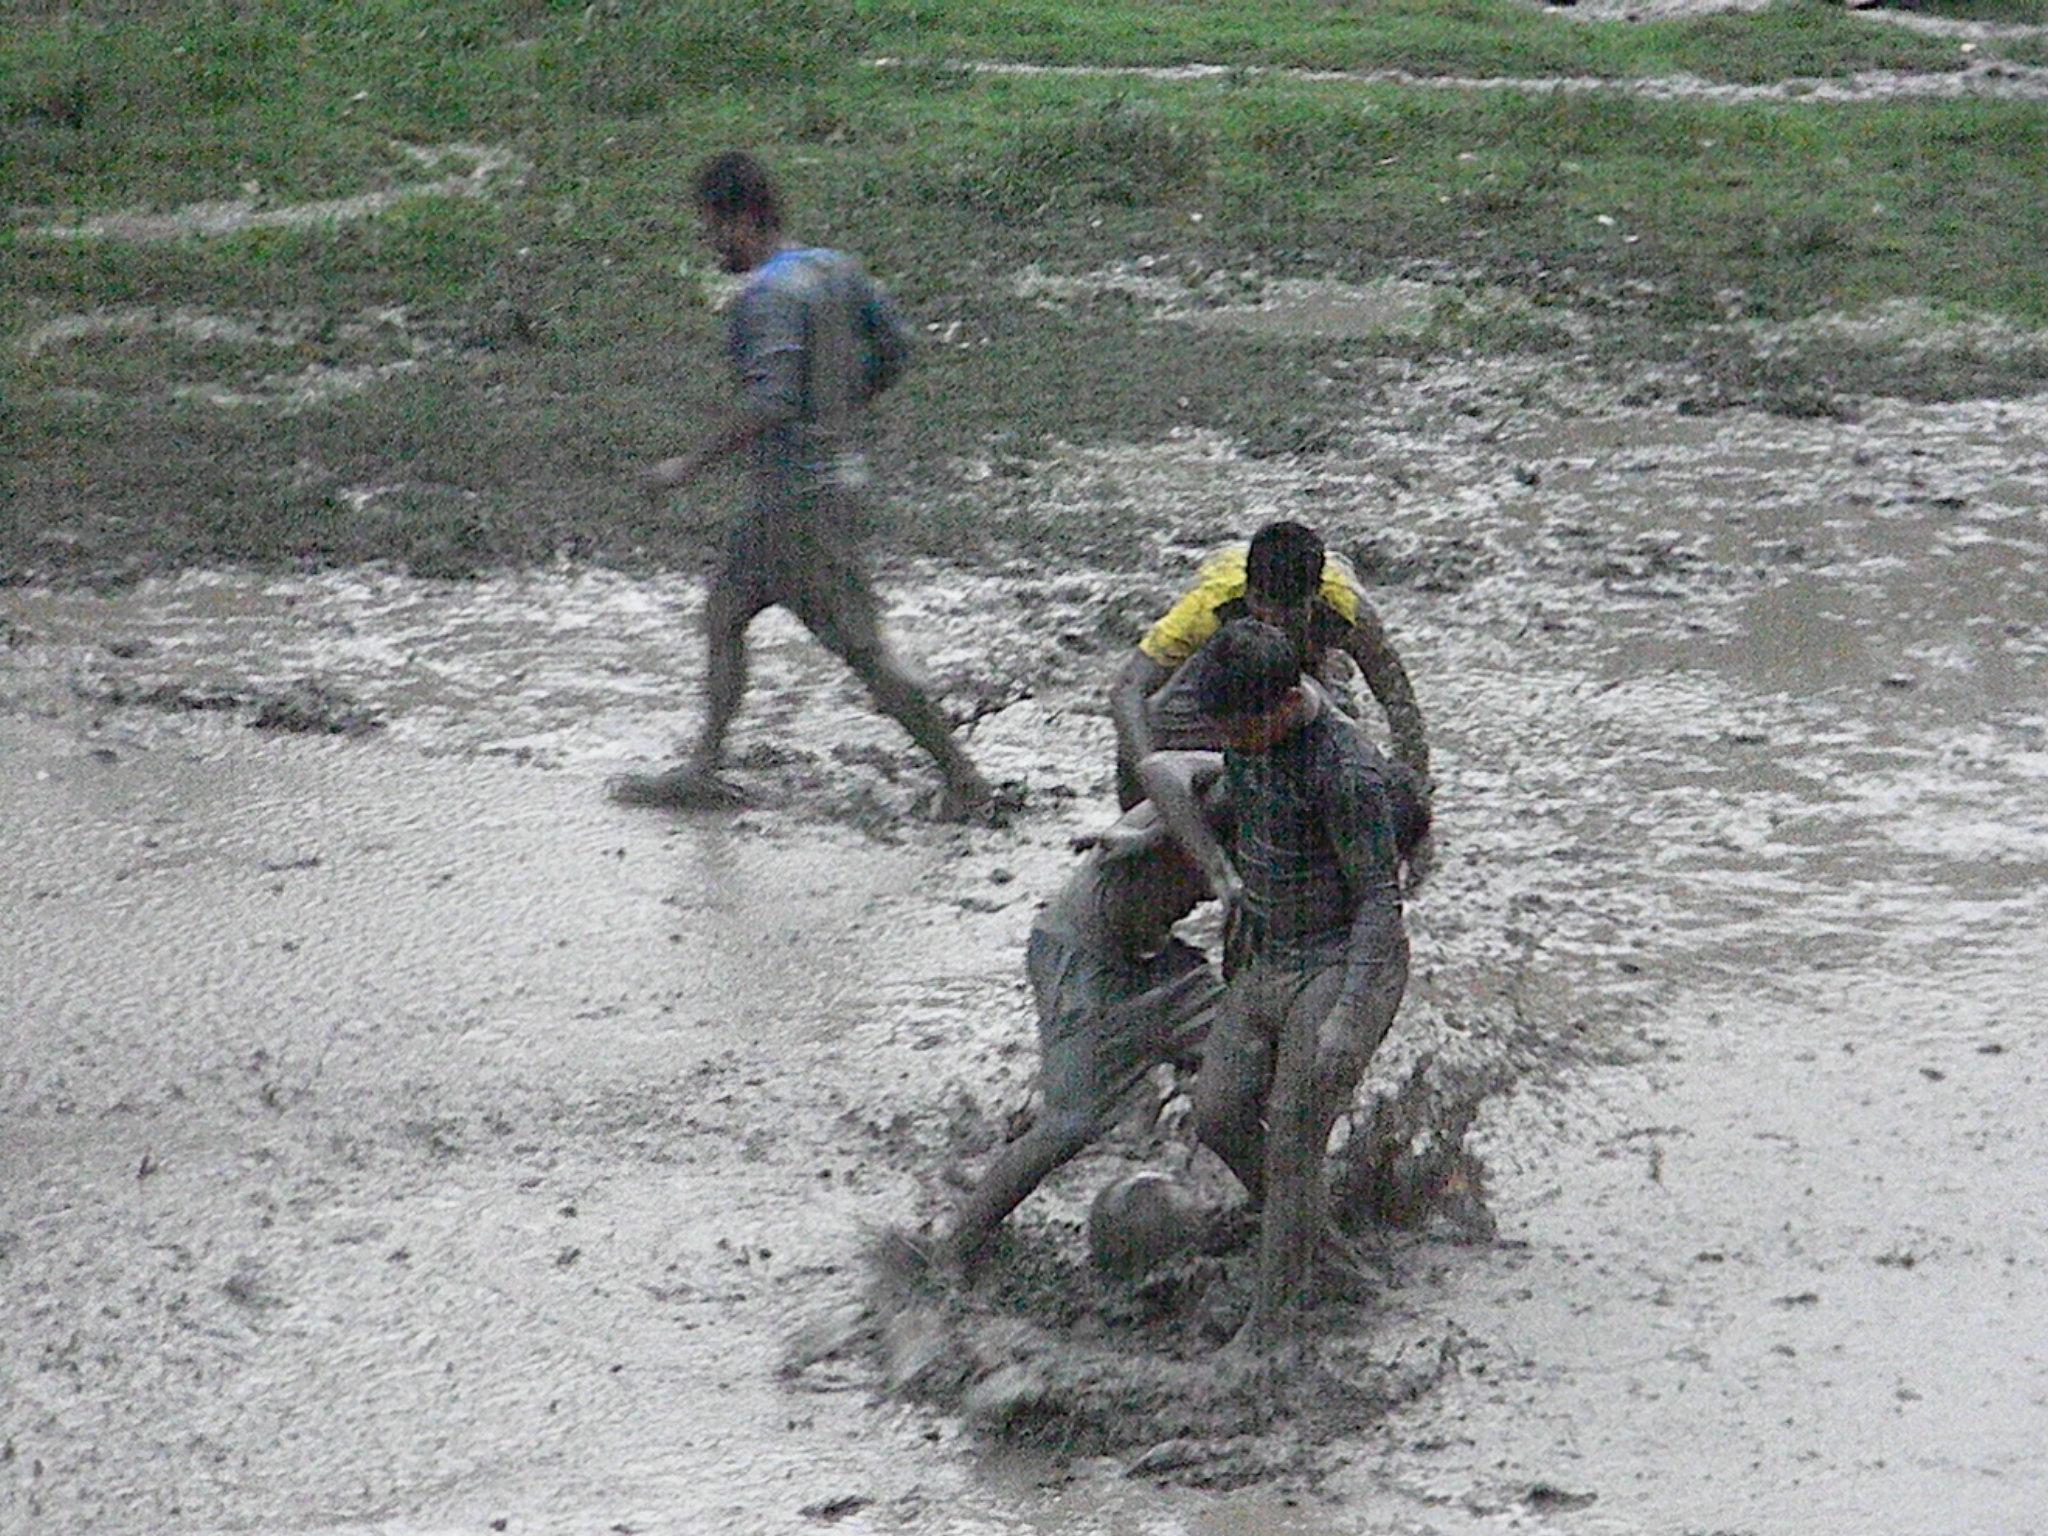 Rainy Football by prasenjitg1